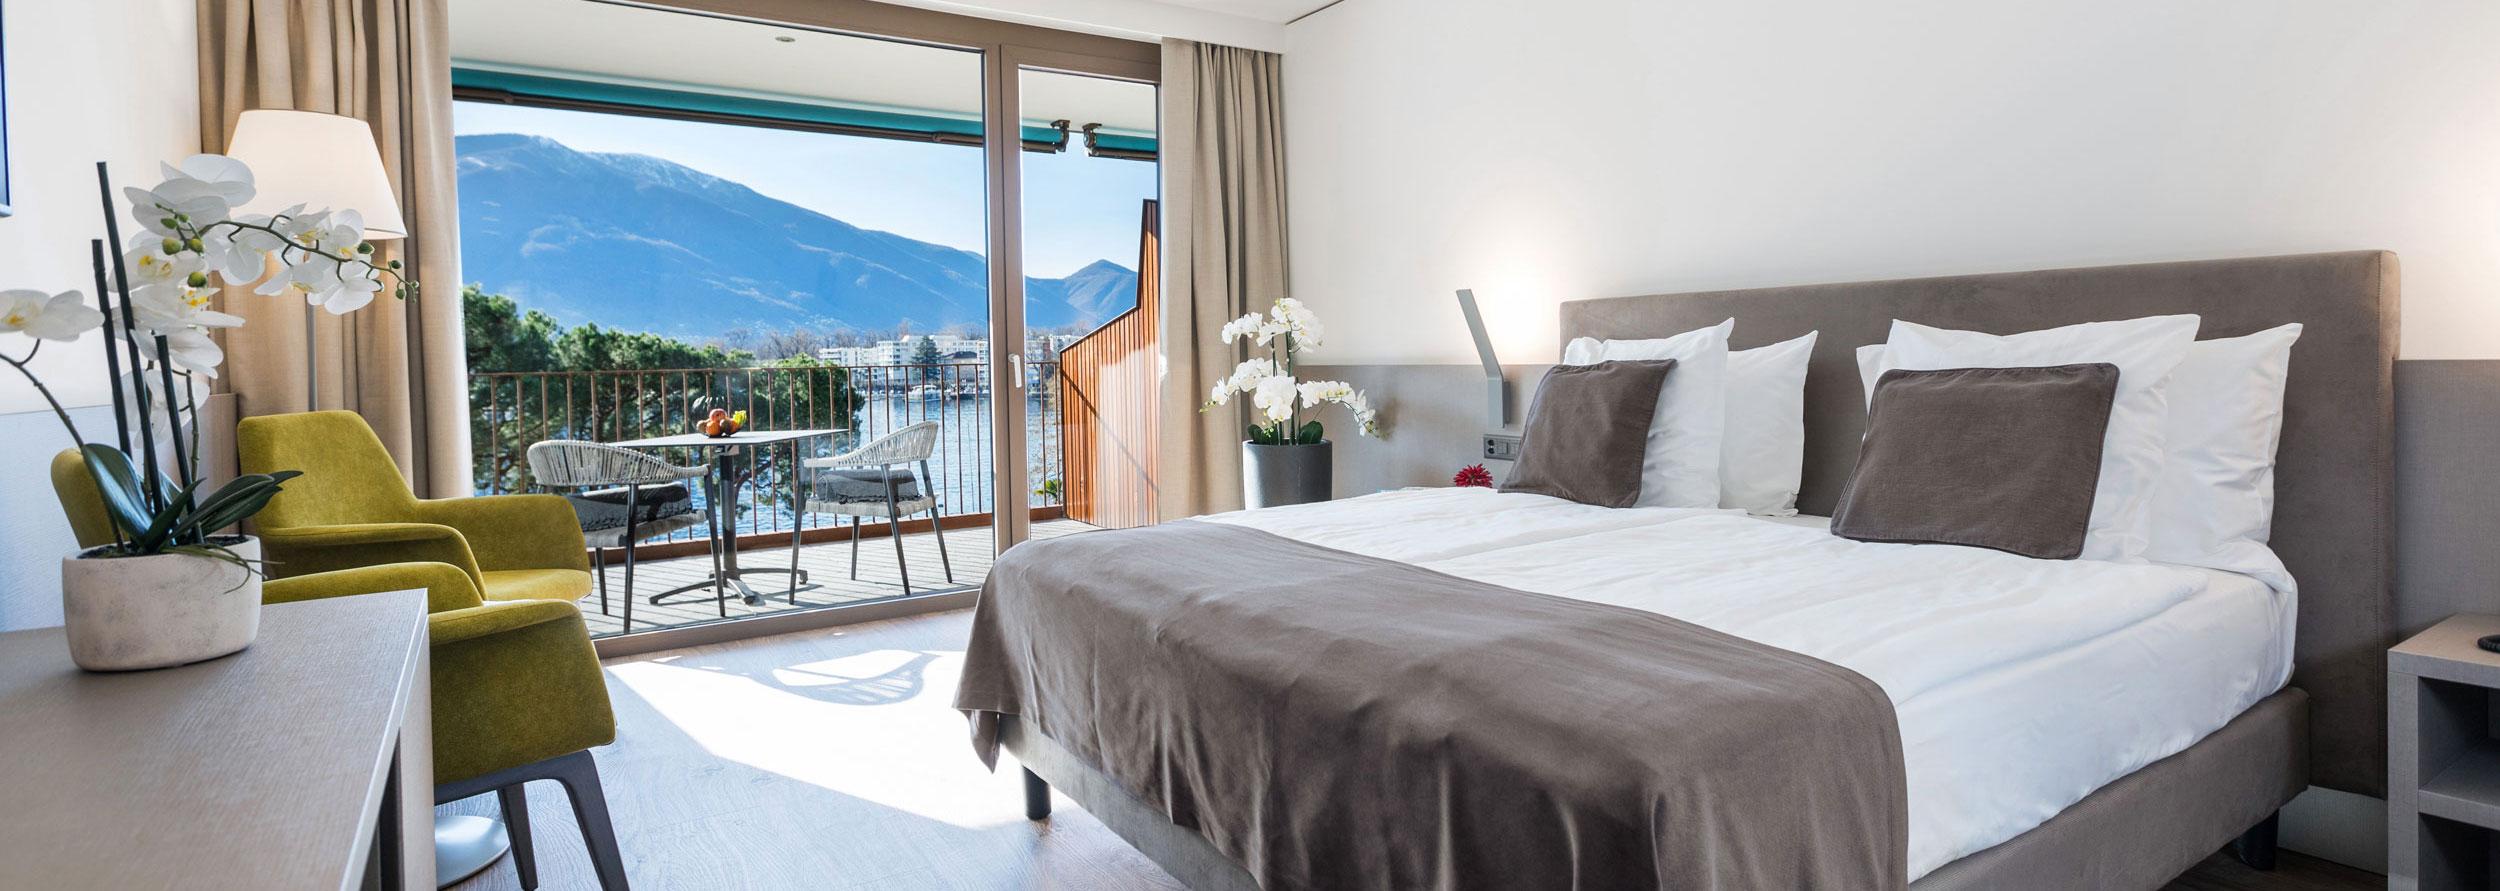 Hotel & Lounge Lago Maggiore - Active lifestyle